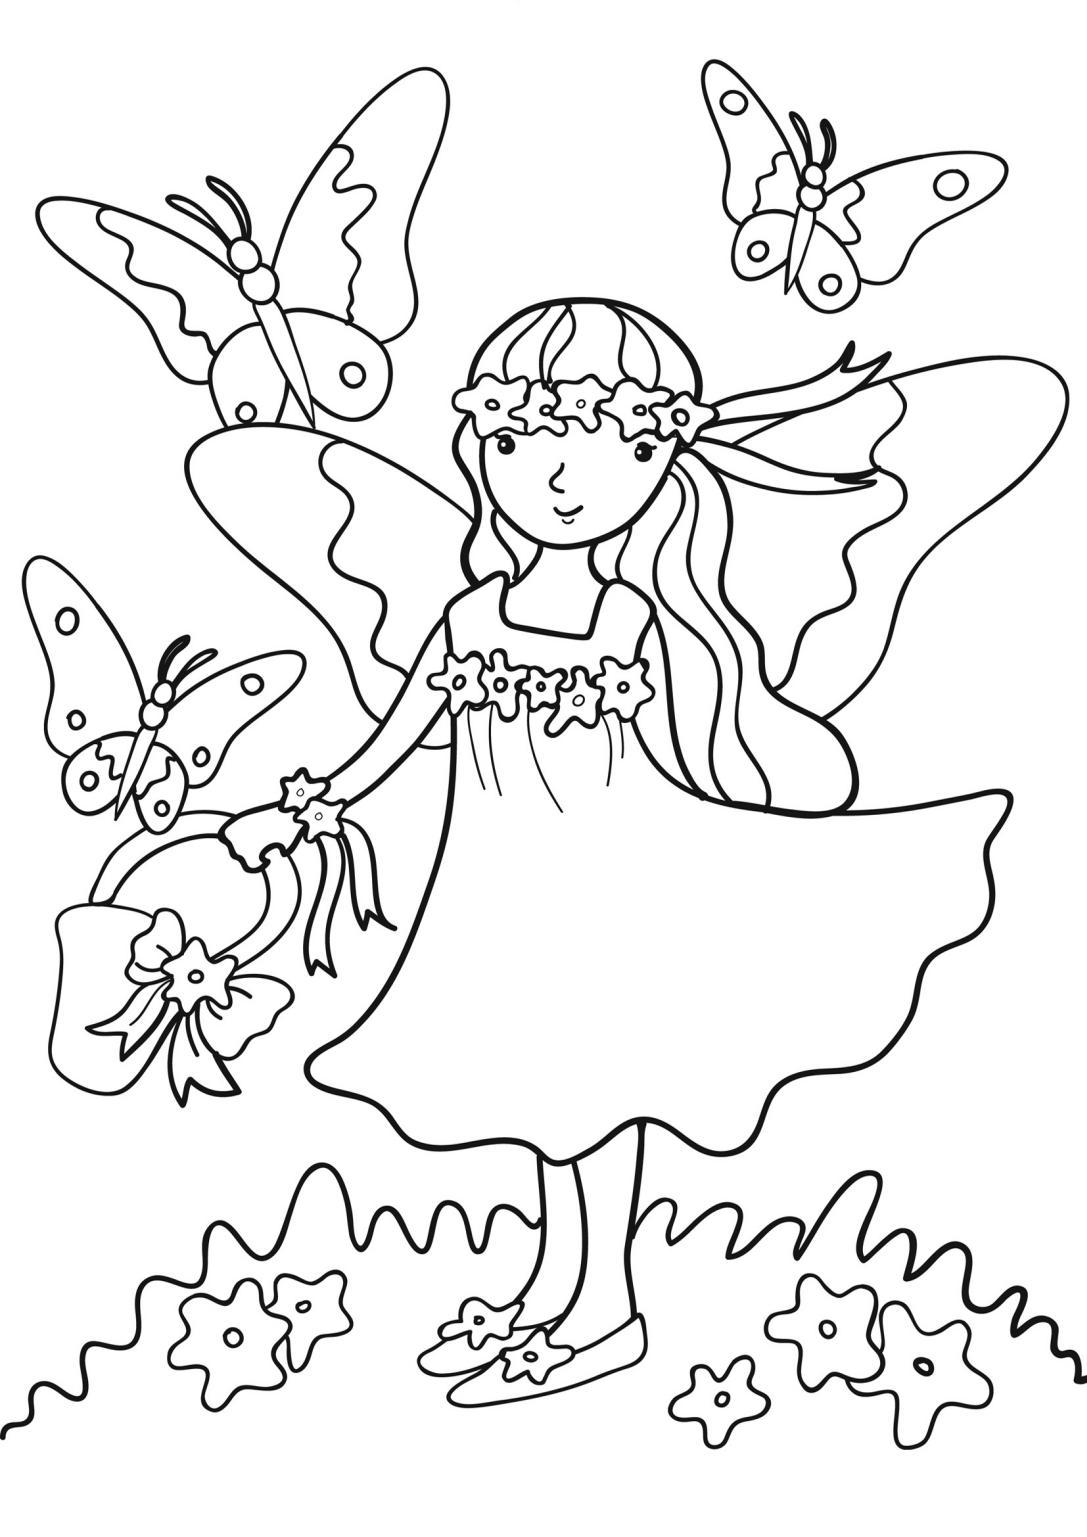 Primavera 9, Disegni per bambini da colorare